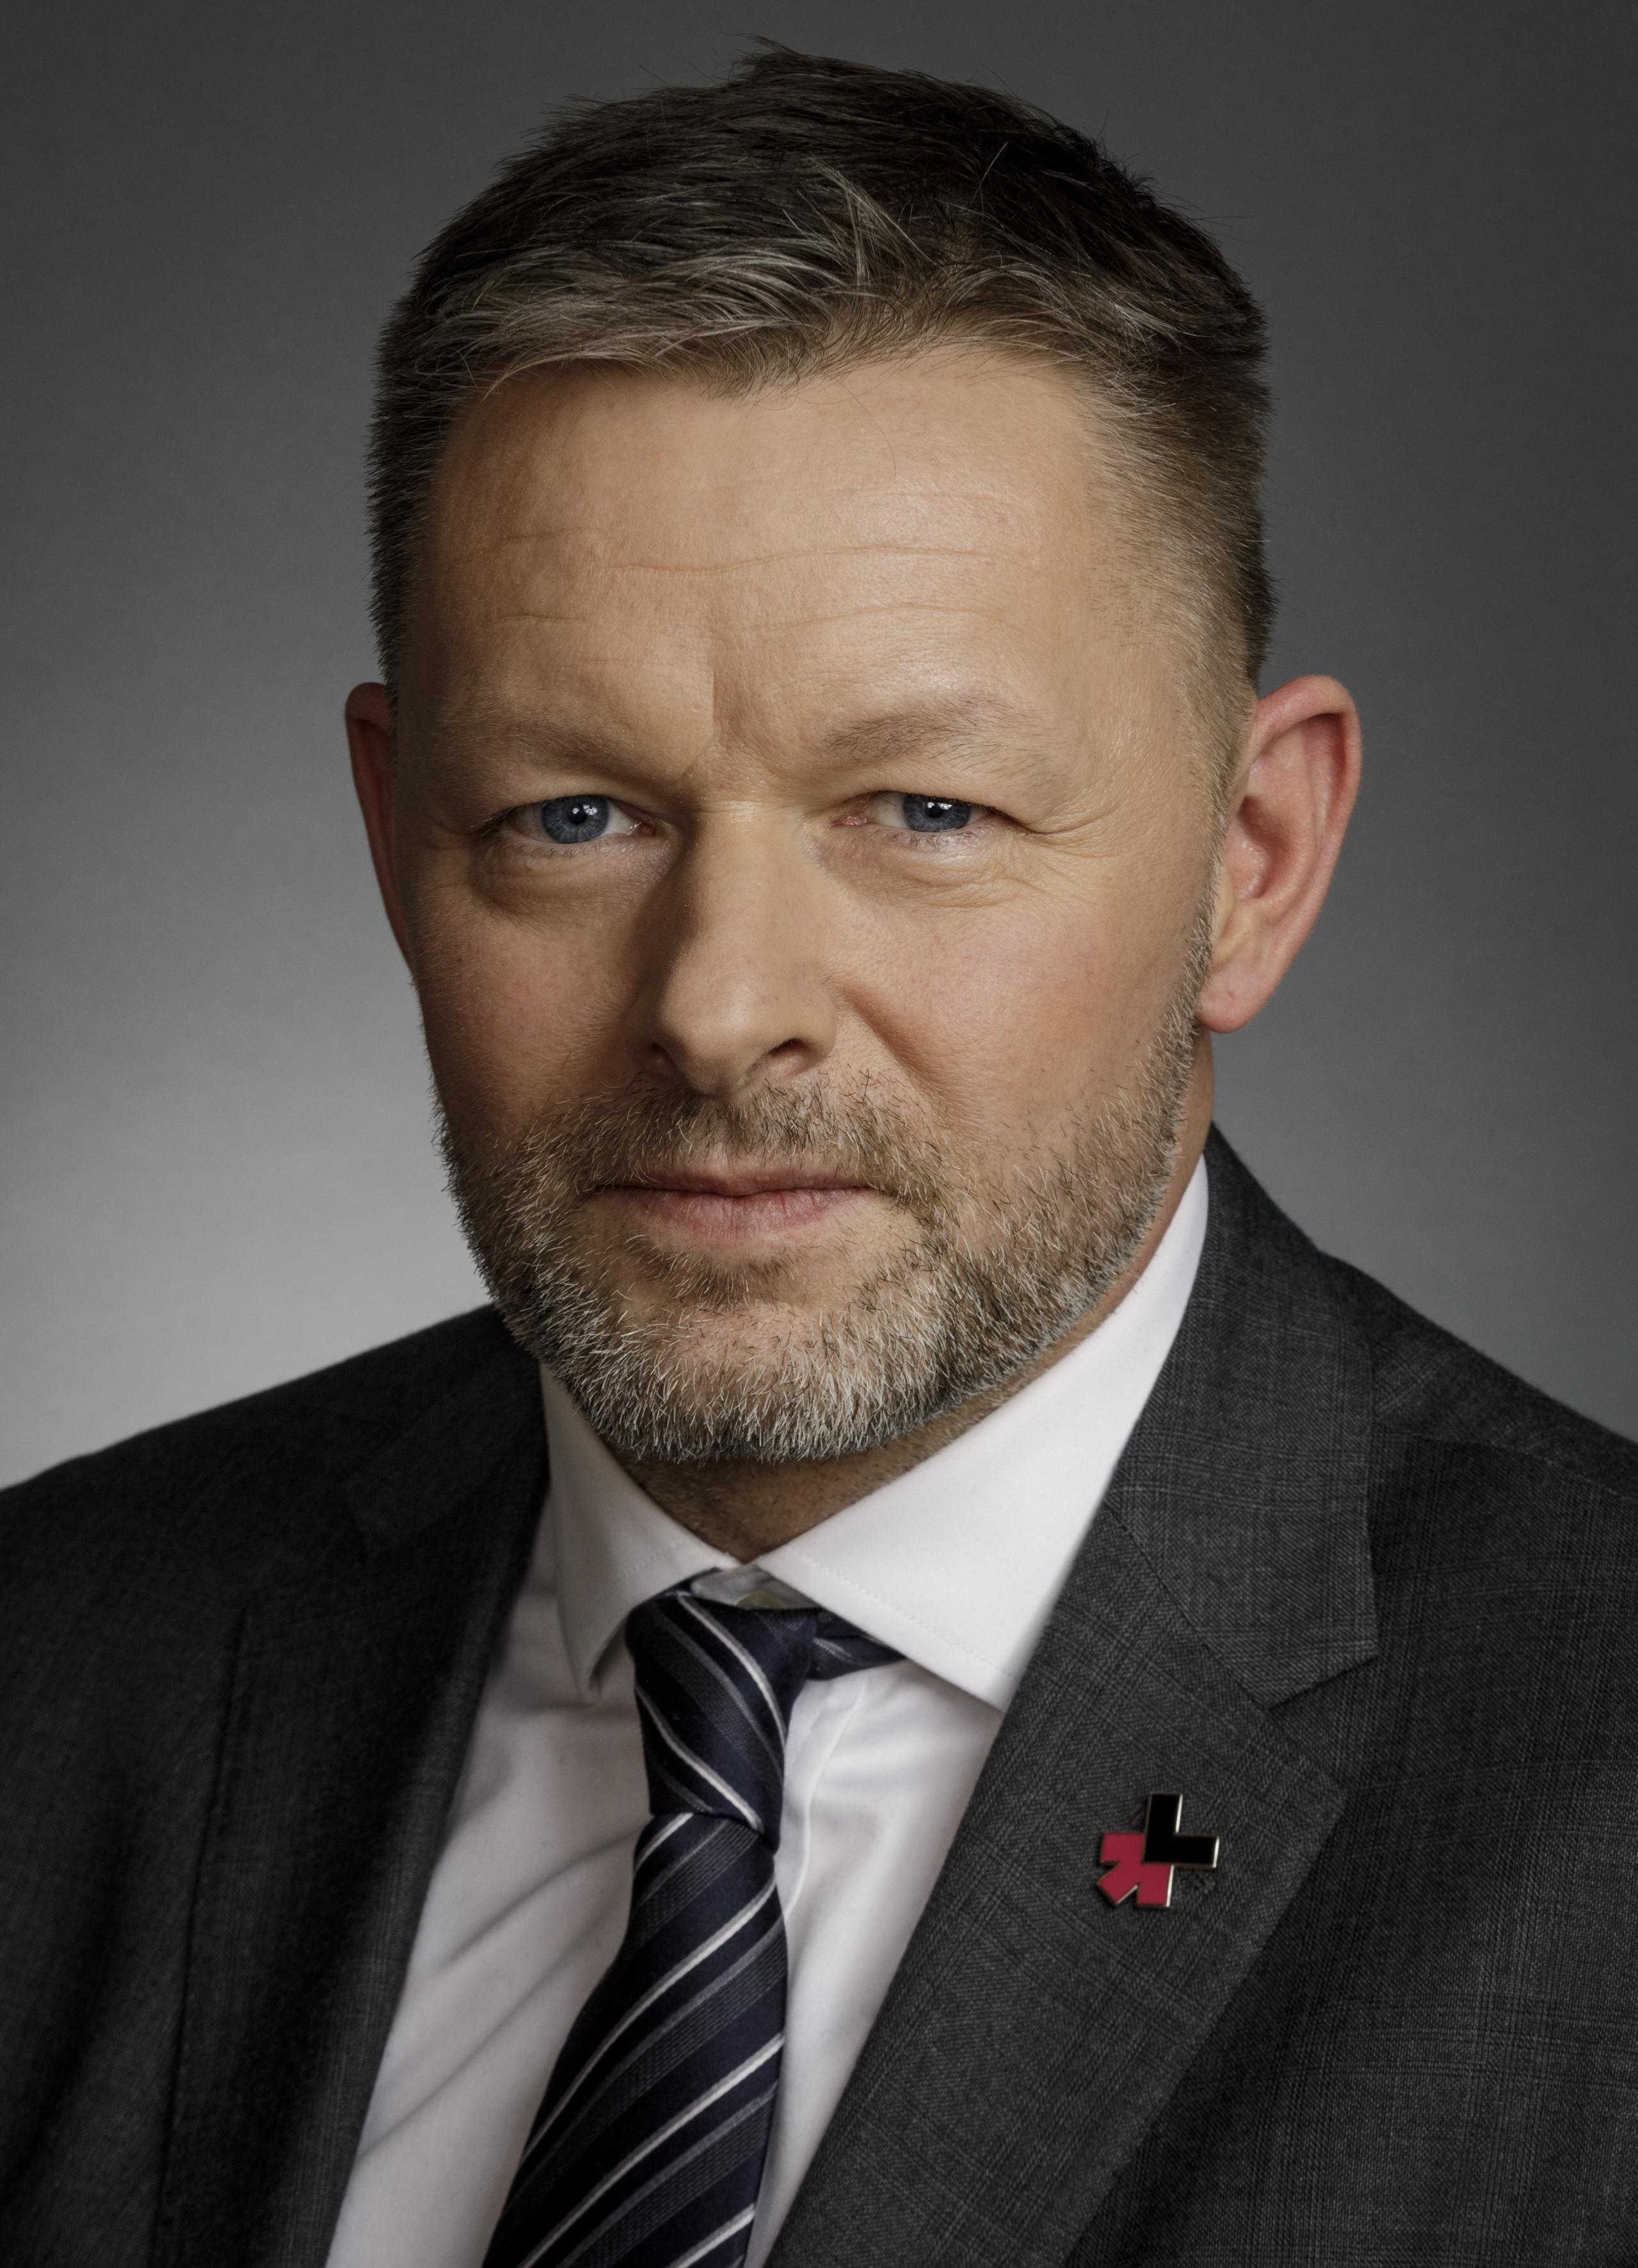 Thorsteinn Víglundsson